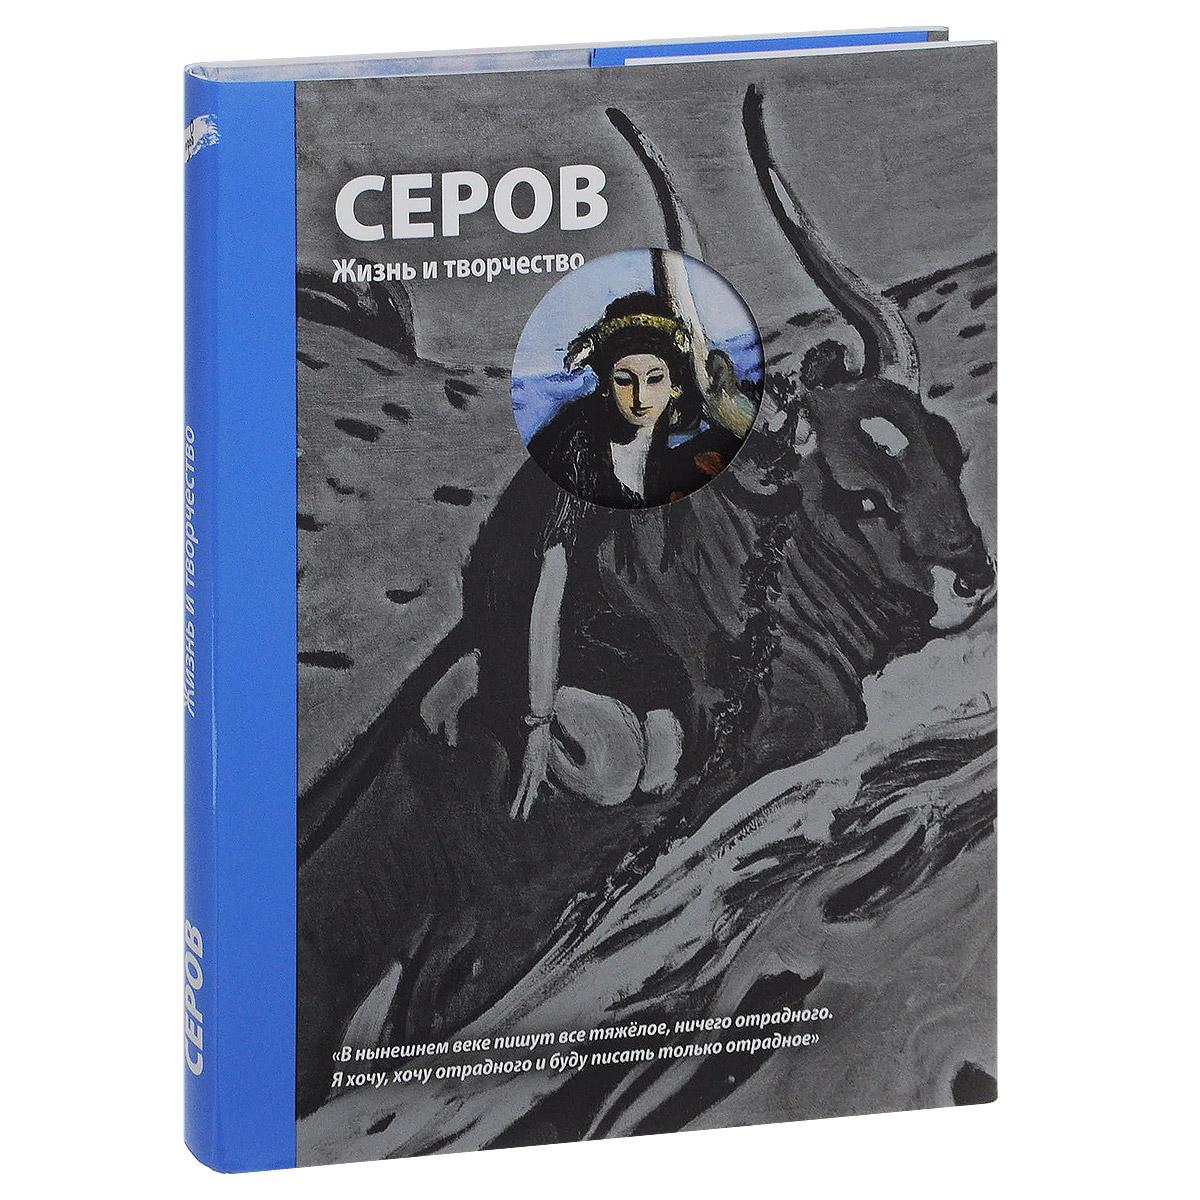 Д. В. Сарабьянов Серов. Жизнь и творчество егор серов какие рекомендует книги